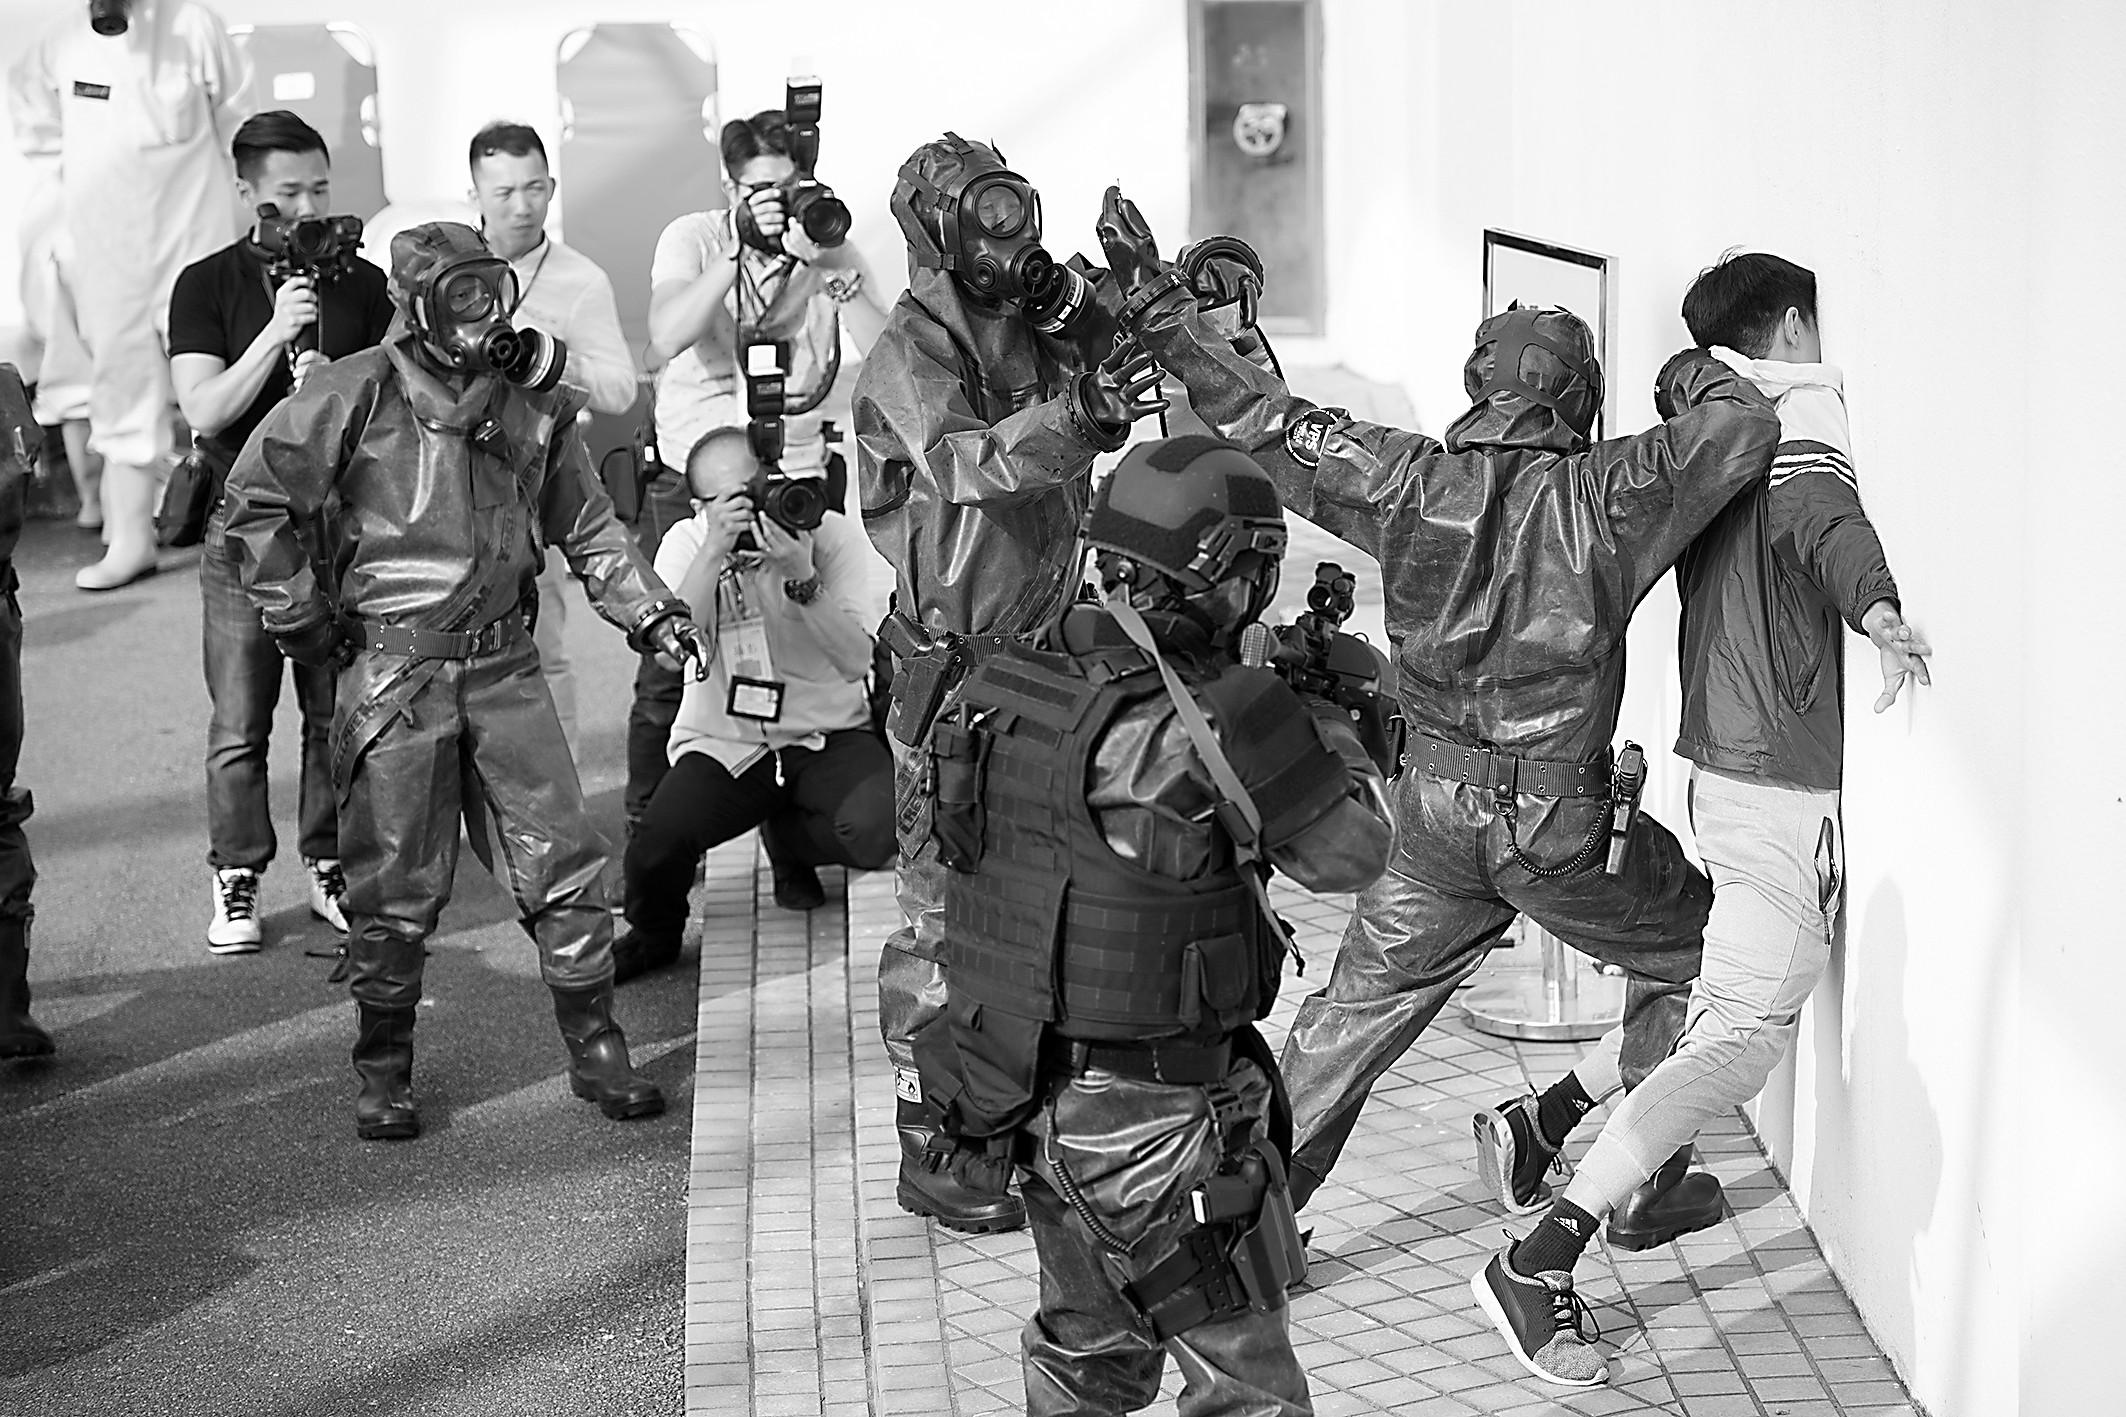 解放军驻澳门部队首次联同澳门警察进行反恐演习